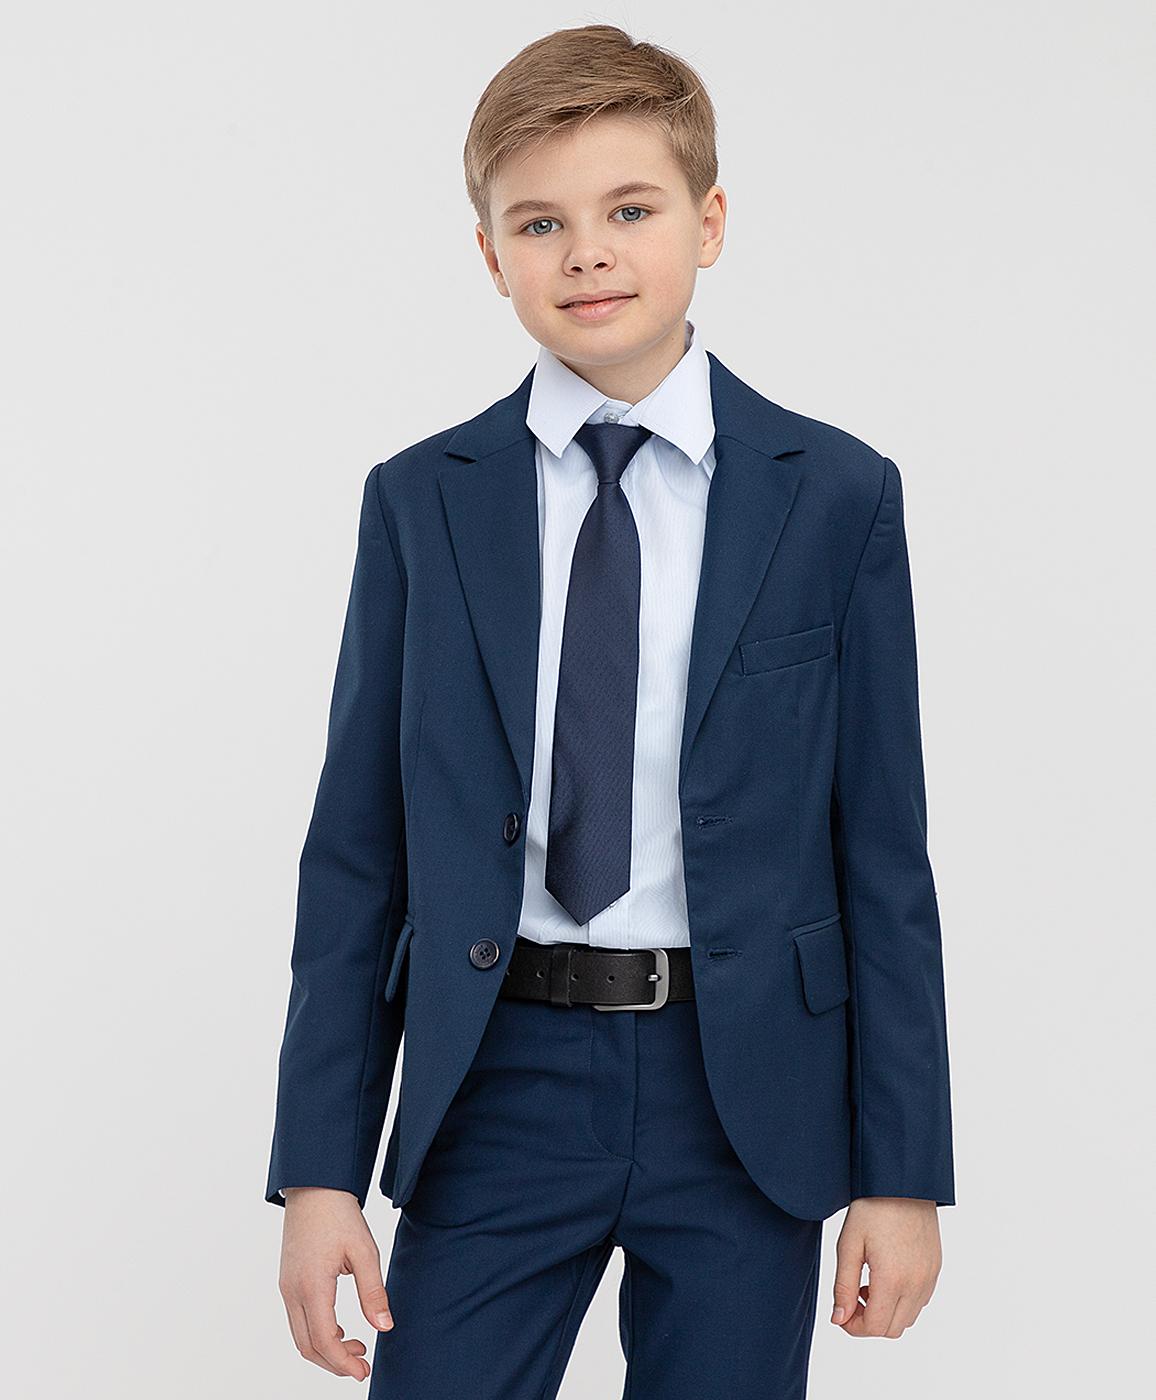 Купить 221BBBS48011000, Пиджак серый двубортный Button Blue, 134, Полиэстер, Мужской, ШКОЛЬНАЯ ФОРМА 2021-2022 (shop: GulliverMarket Gulliver Market)